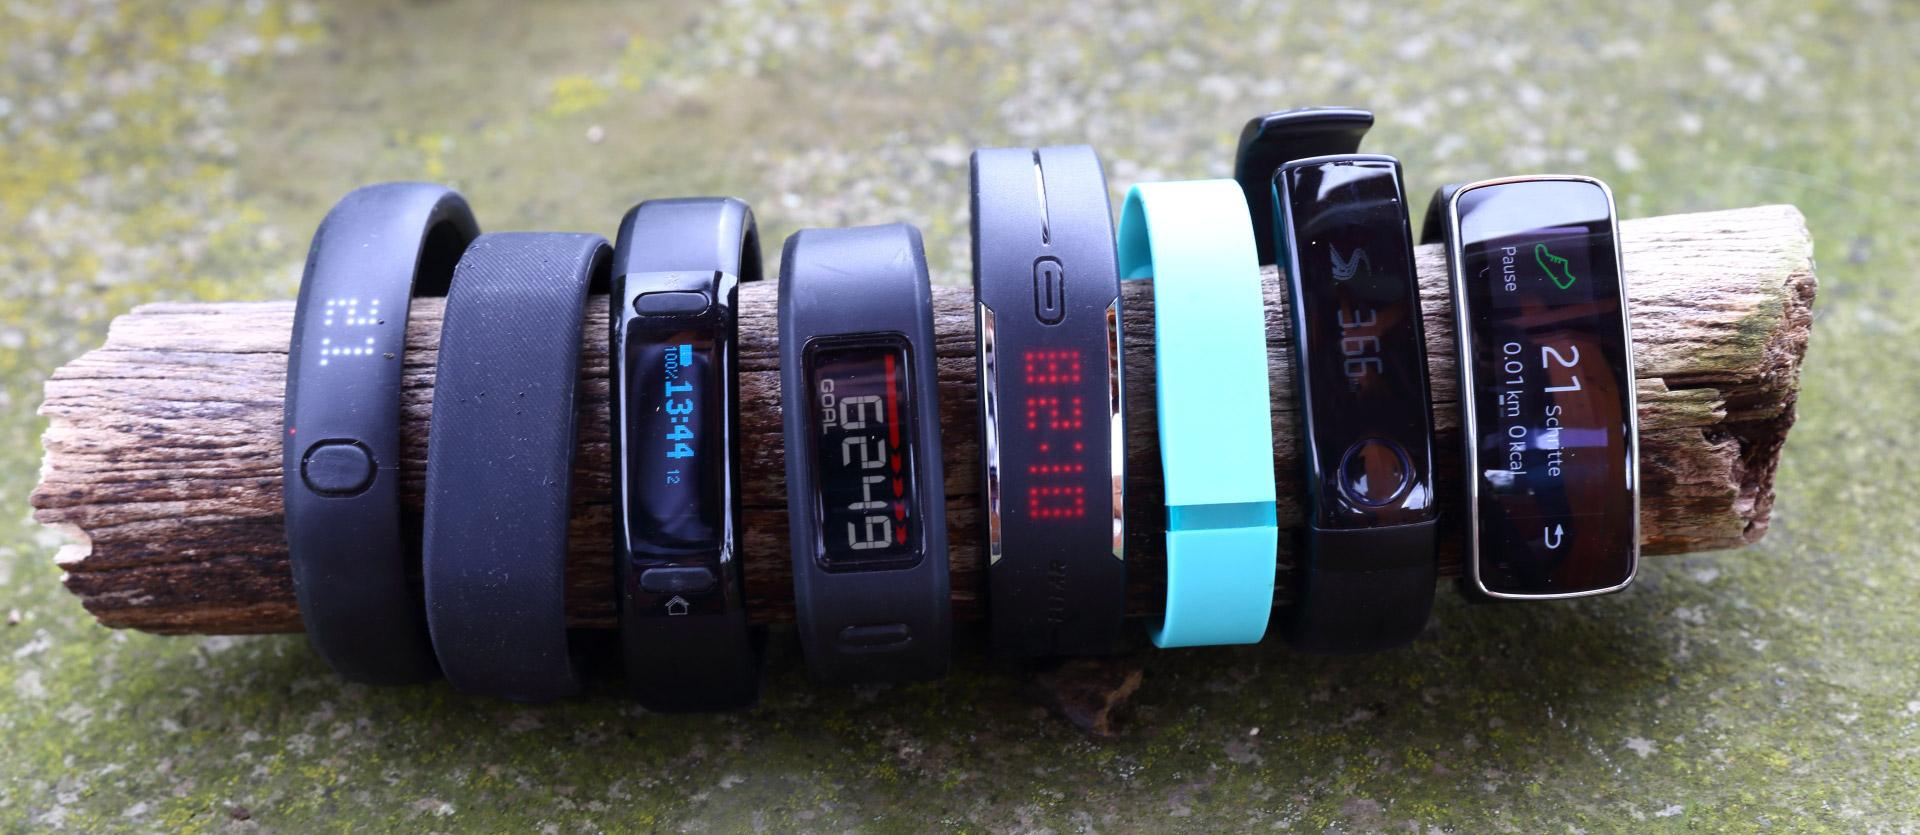 Acht Fitness-Tracker Armbänder im Test › pocketnavigation ...